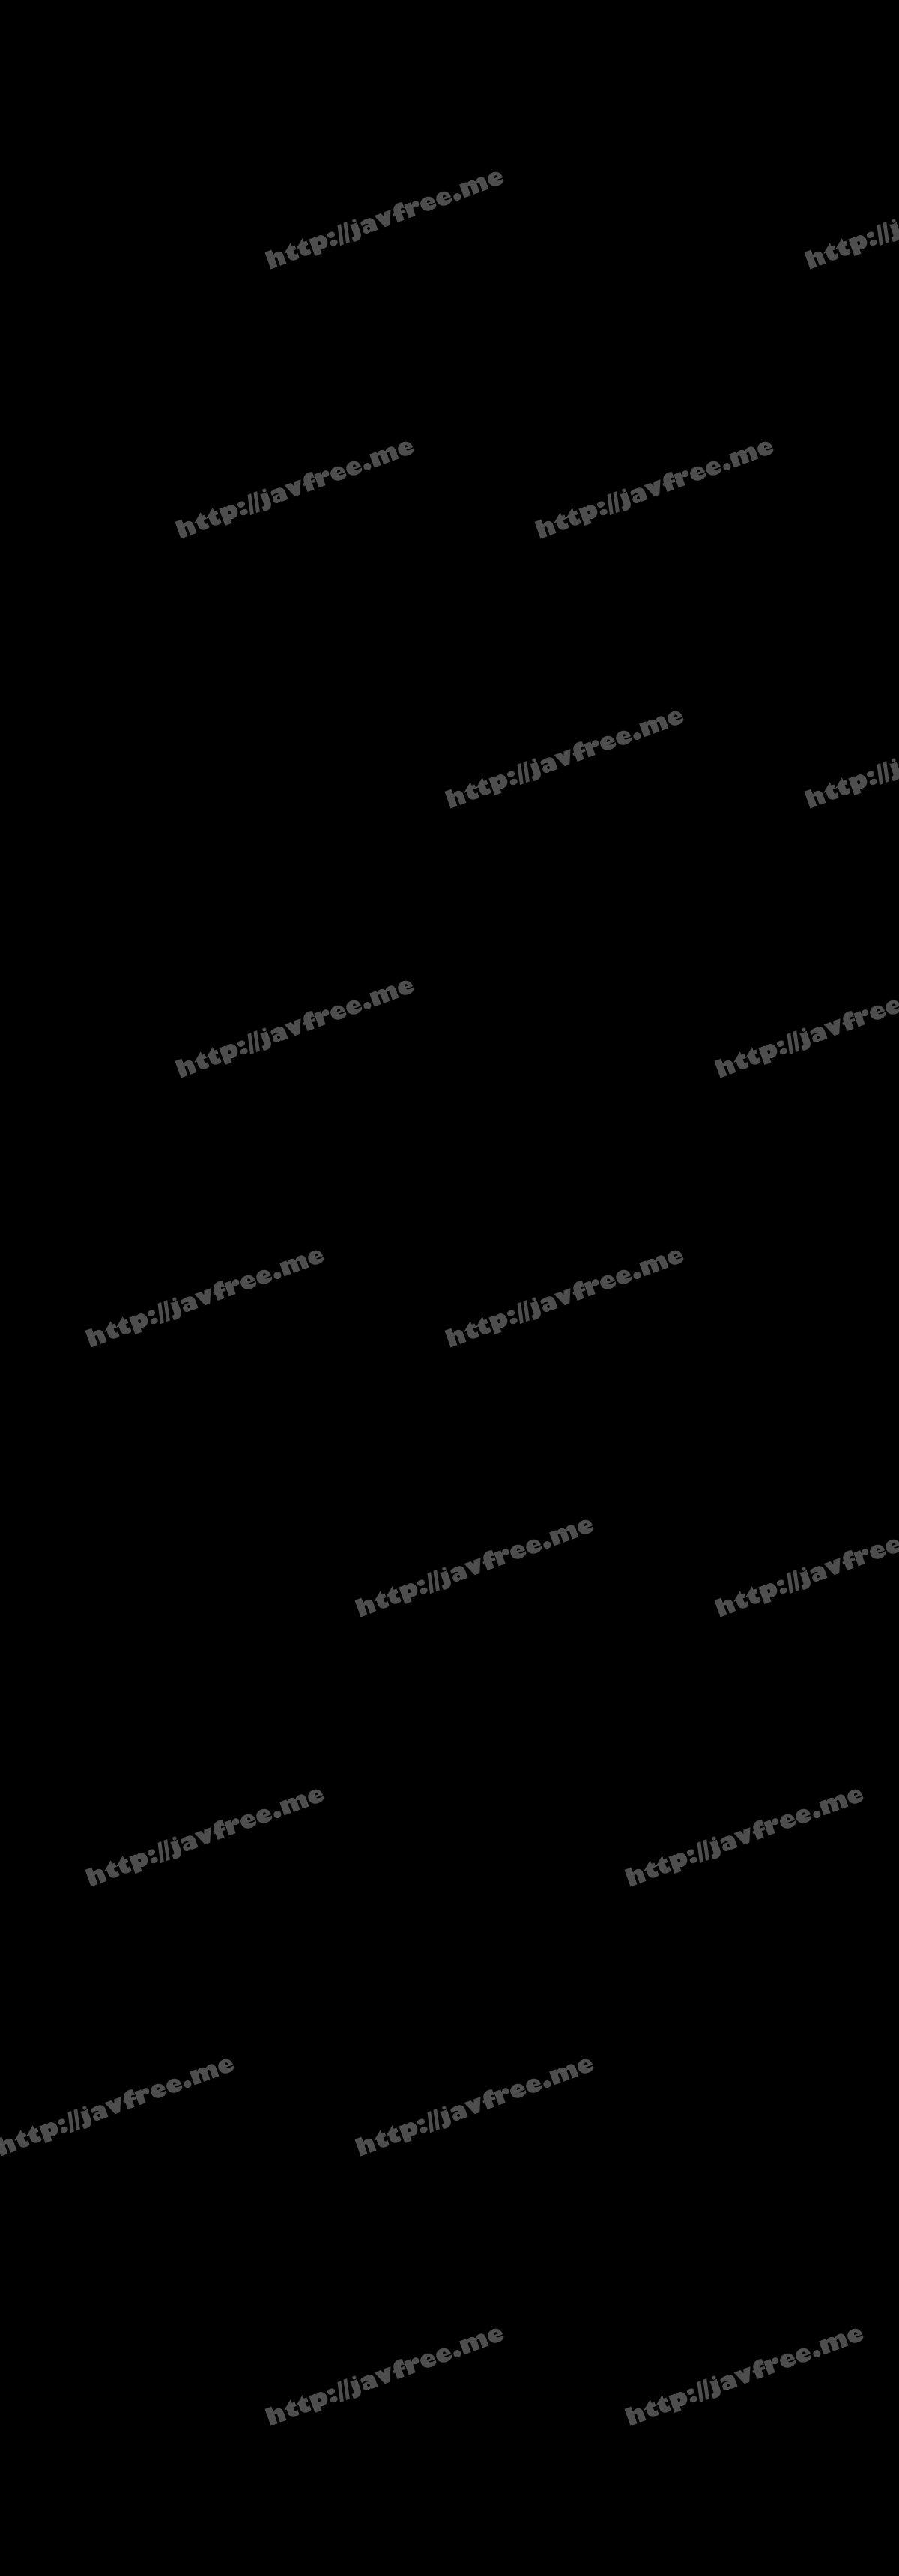 [HD][FSDSS-030] もうイッてるのに腰フリ止まらないってば~ 騎乗位で逆追撃ピストンしちゃう杭打ちお姉さん 友田彩也香